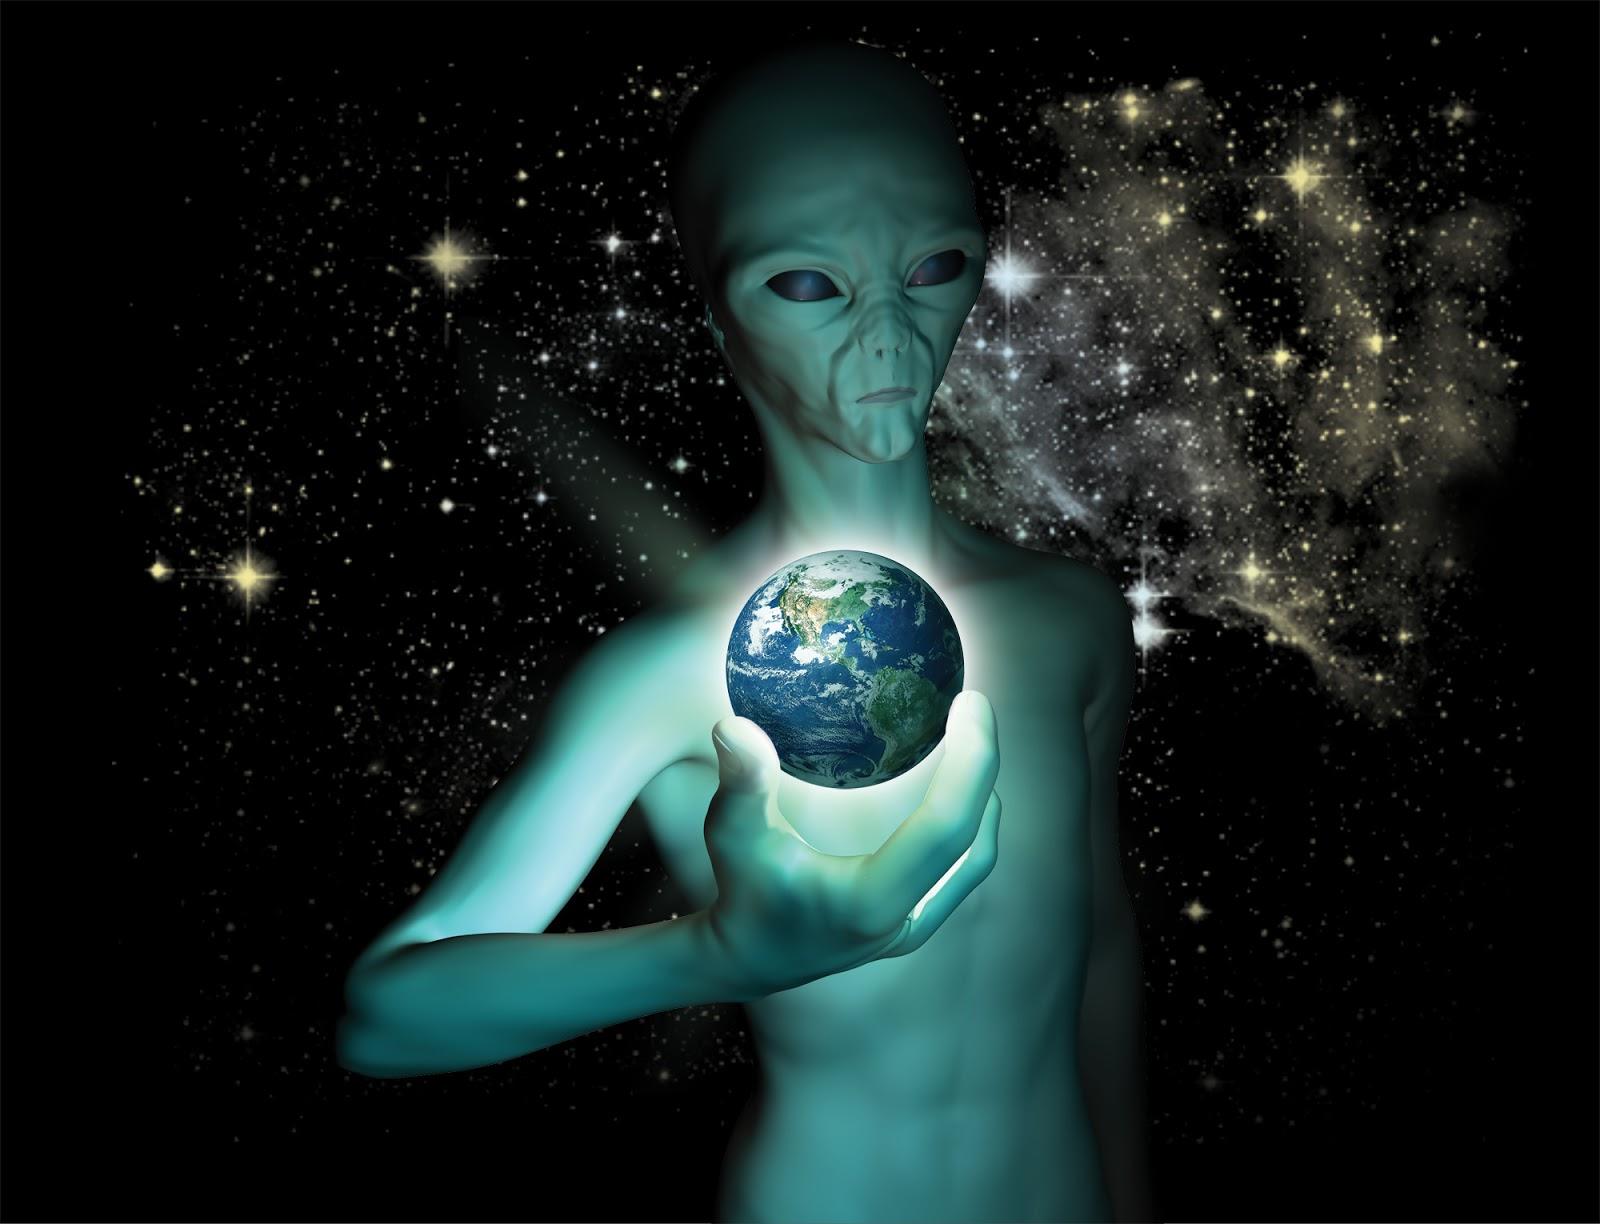 2 июля - День НЛО (World UFO Day) или День уфолога. Поздравляю